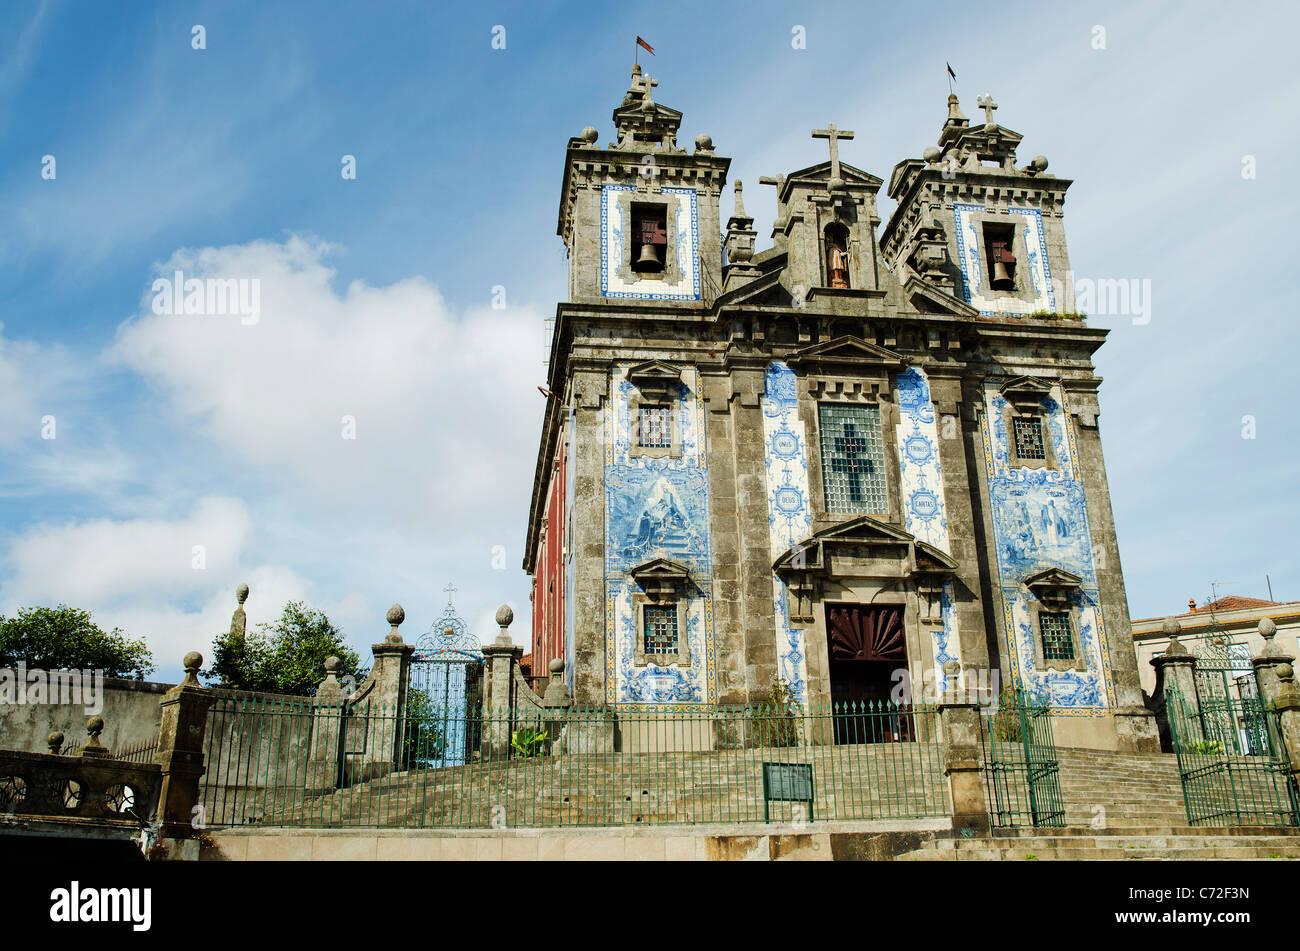 Santo idelfonso chiesa in porto portogallo Immagini Stock